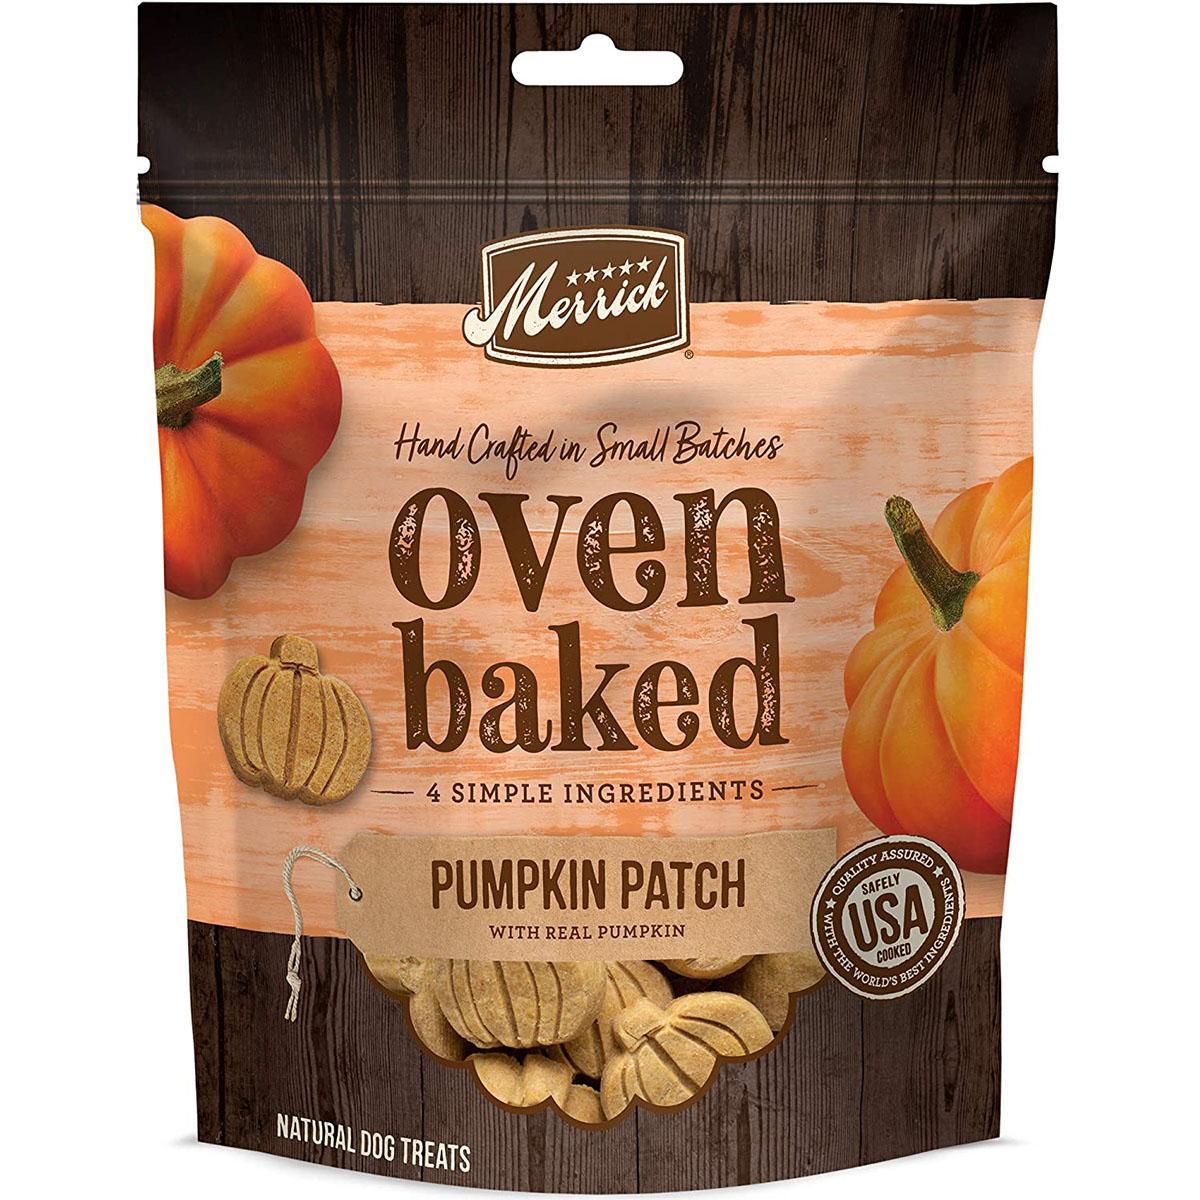 Merrick Oven-Baked Pumpkin Patch Dog Treats